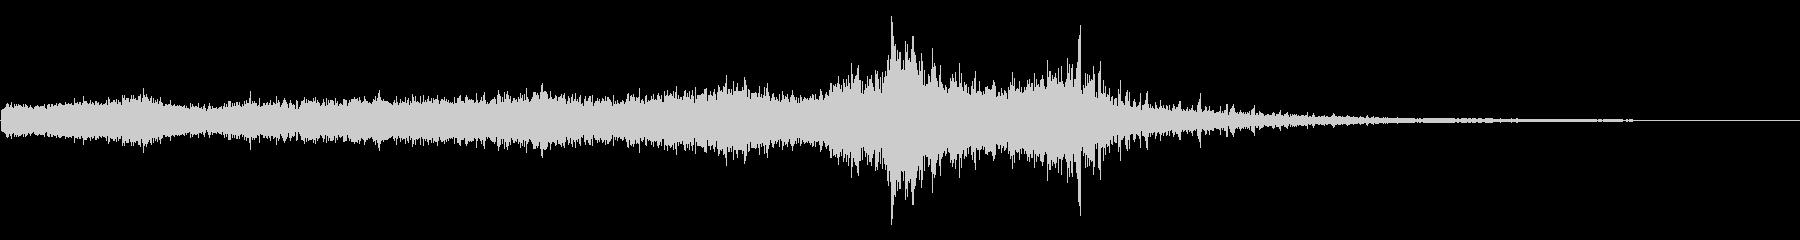 ホラー映画に出てきそうなノイズ系音源05の未再生の波形